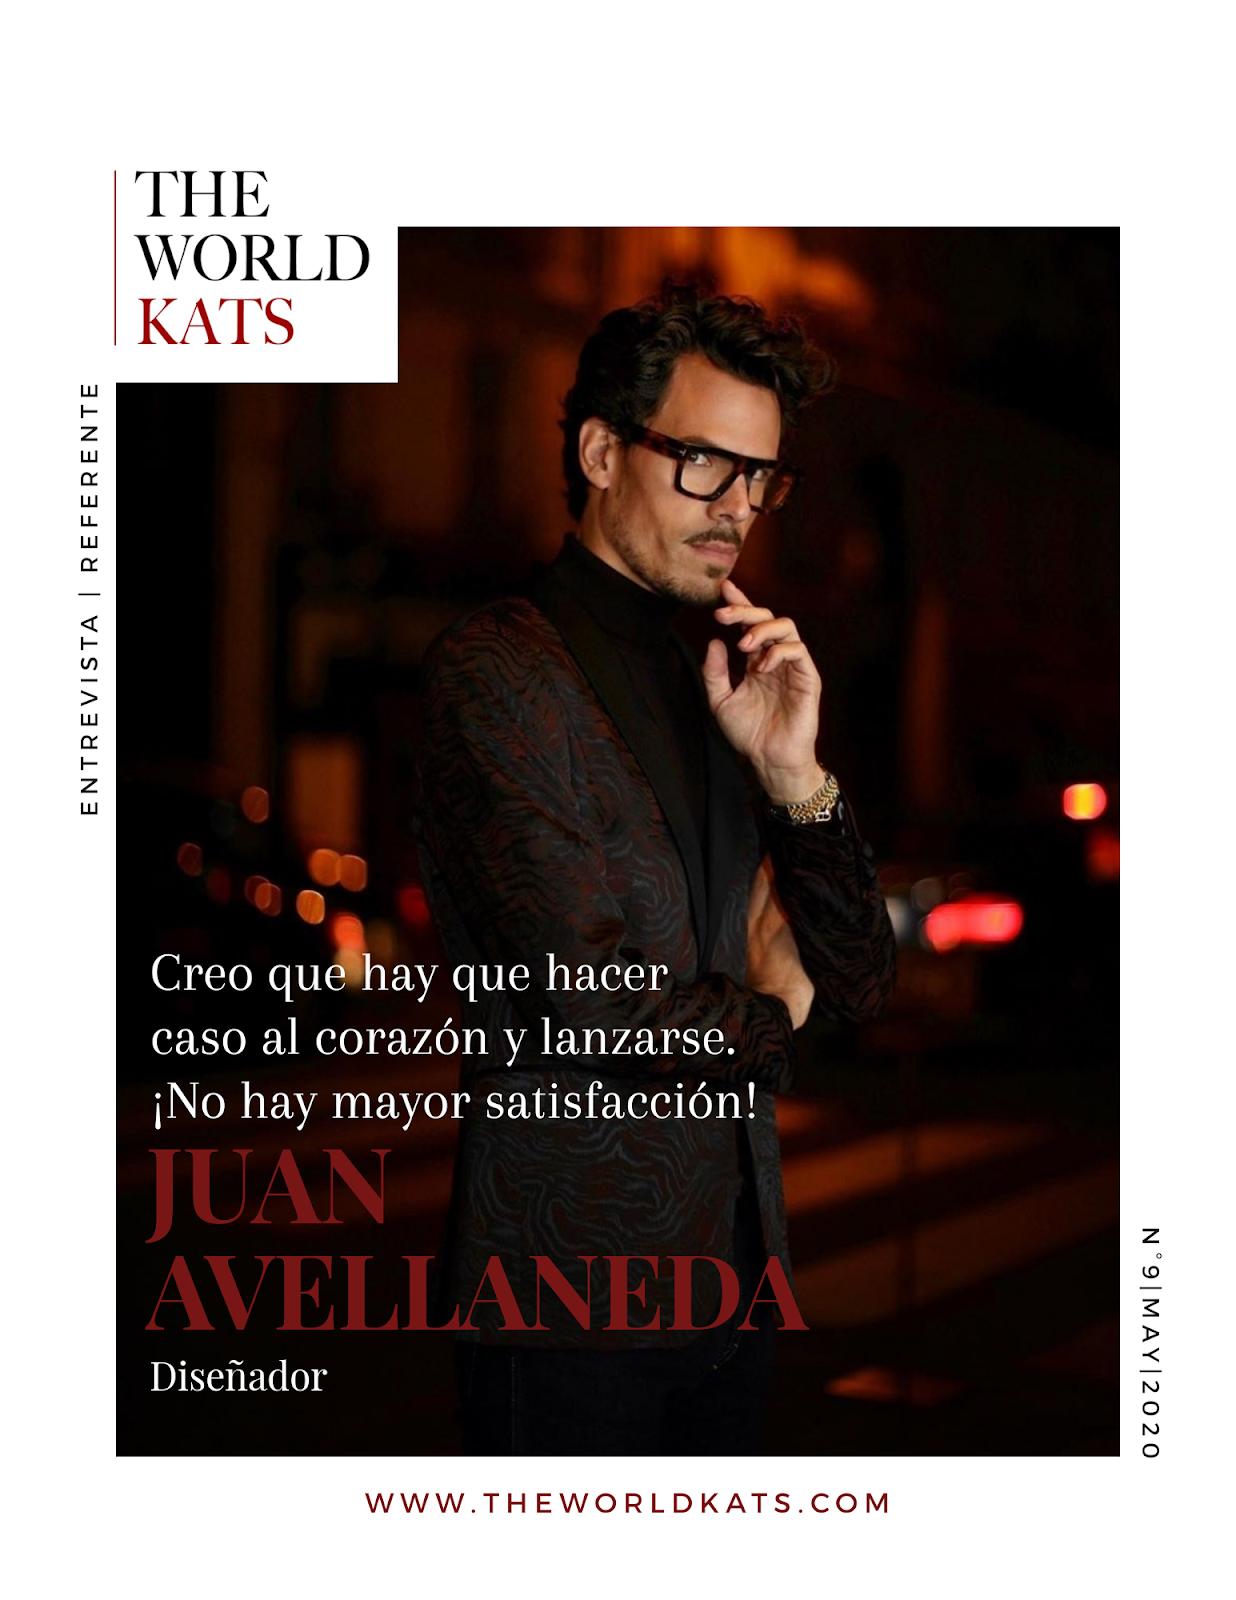 Juan Avellaneda